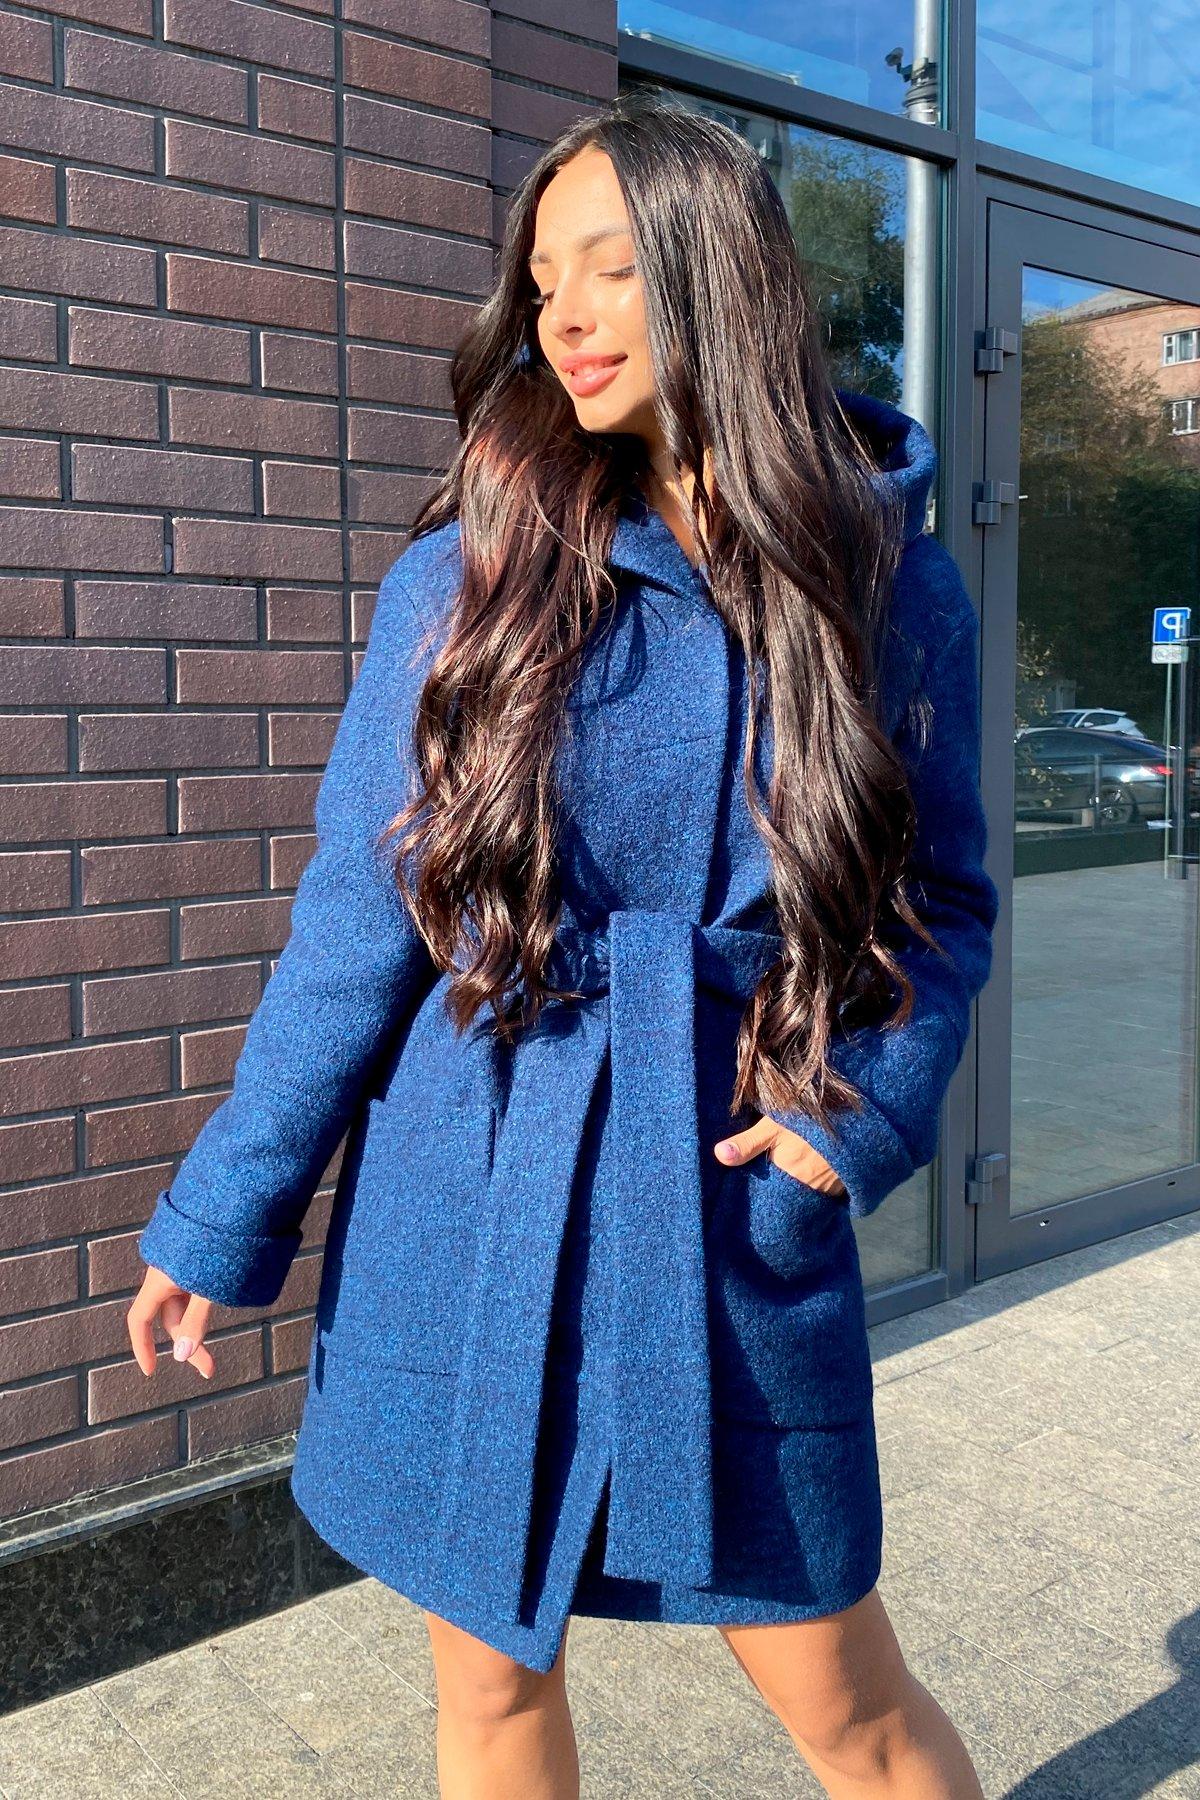 Анита шерсть варенка зима без меха пальто 9936 АРТ. 46222 Цвет: т.синий/электрик 27 - фото 4, интернет магазин tm-modus.ru